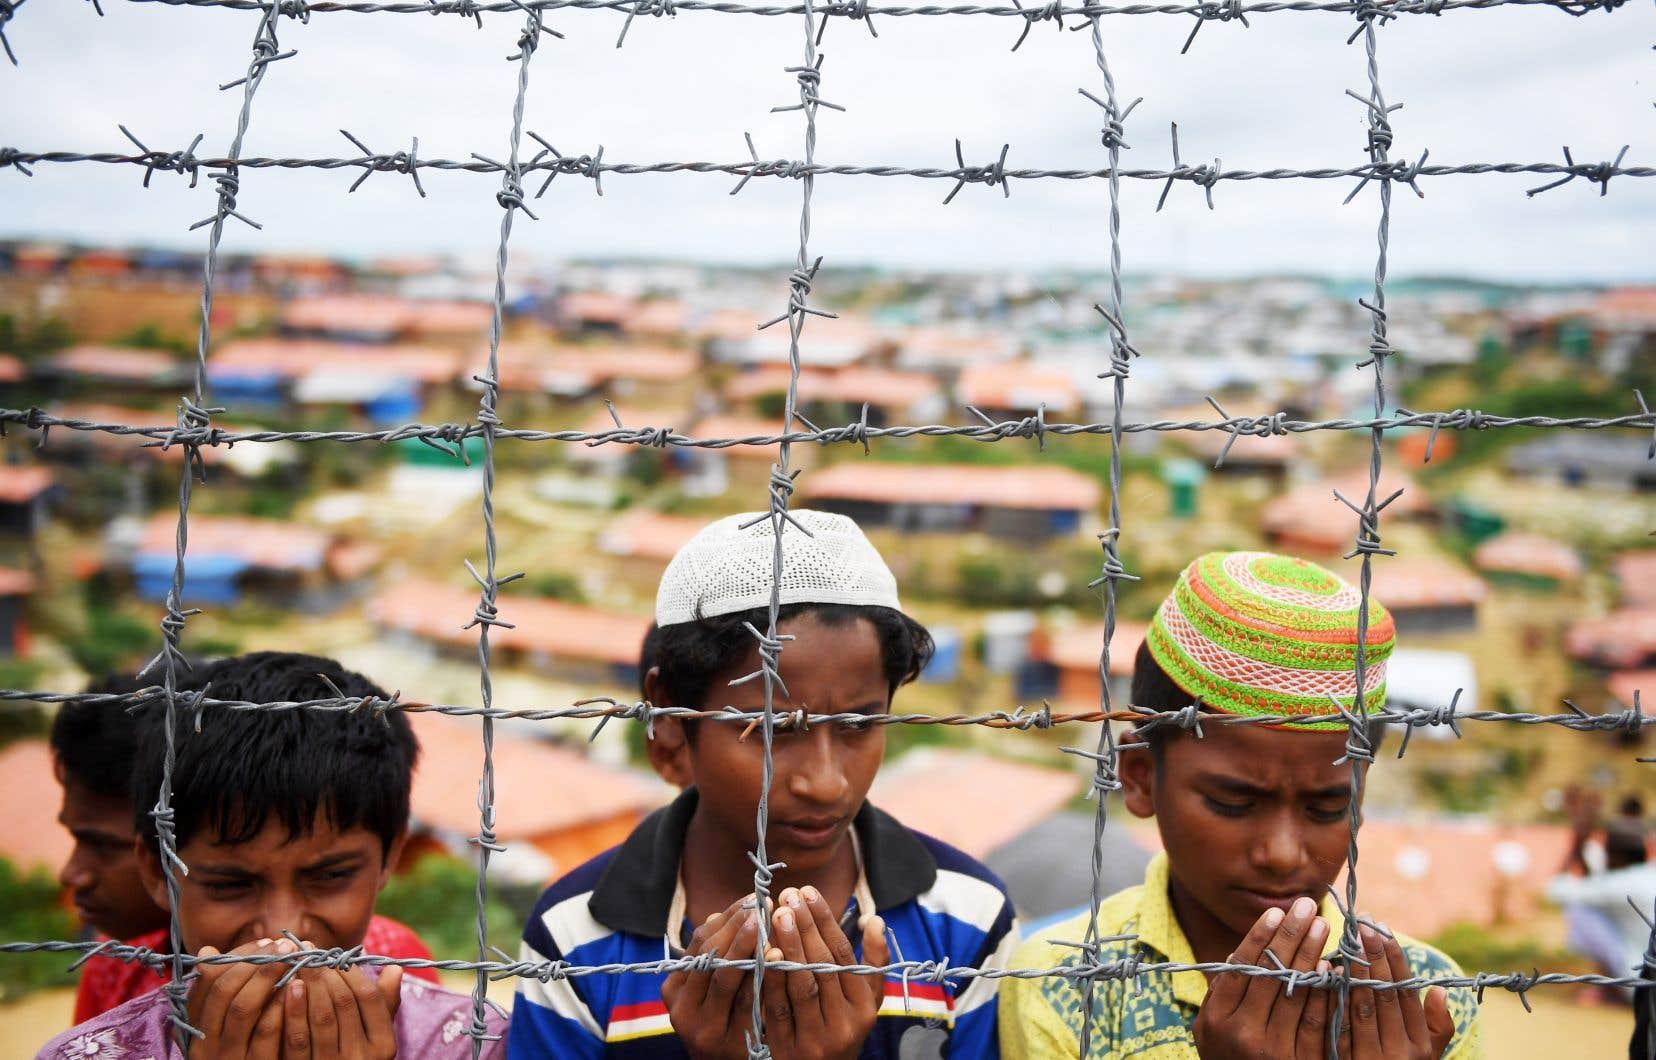 Des réfugiés rohingyas priant dans le camp de Kutupalong, le 25 août durant une cérémonie organisée pour souligner le premier anniversaire d'une répression militaire qui a provoqué leur exode du Myanmar au Bangladesh